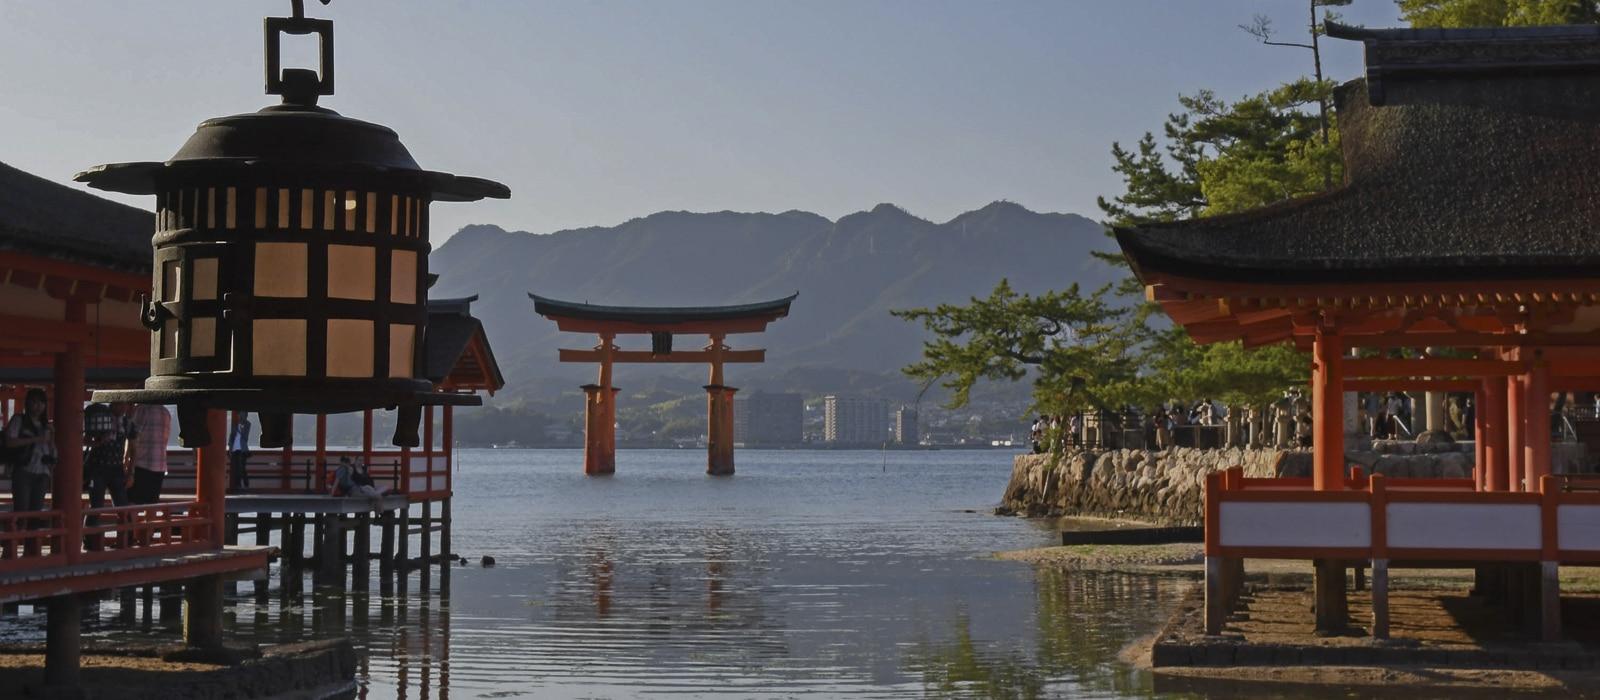 img-diapo-entete - Japon-1600x700-18.jpg